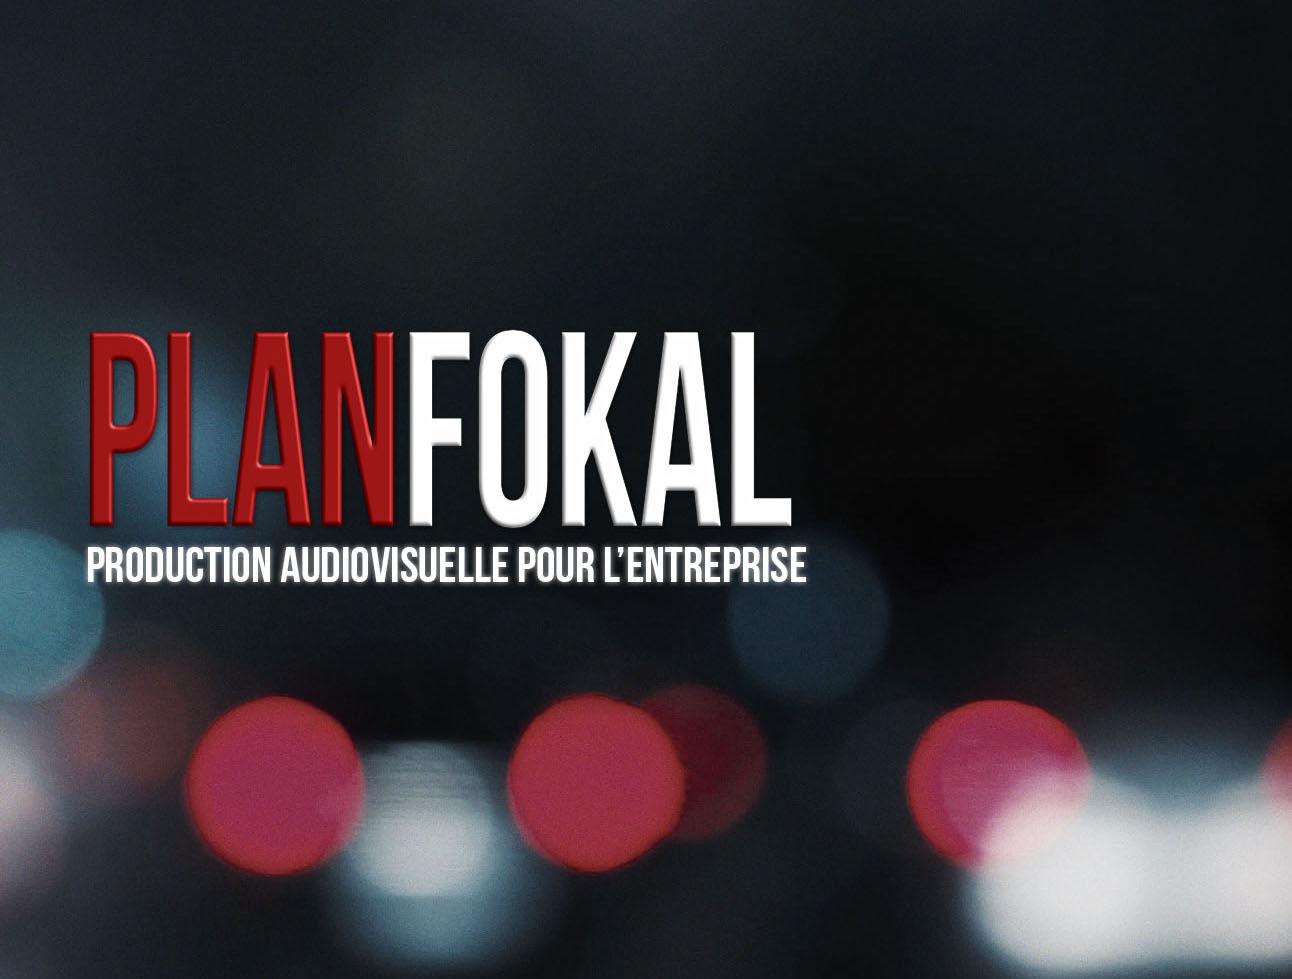 PlanFoKal